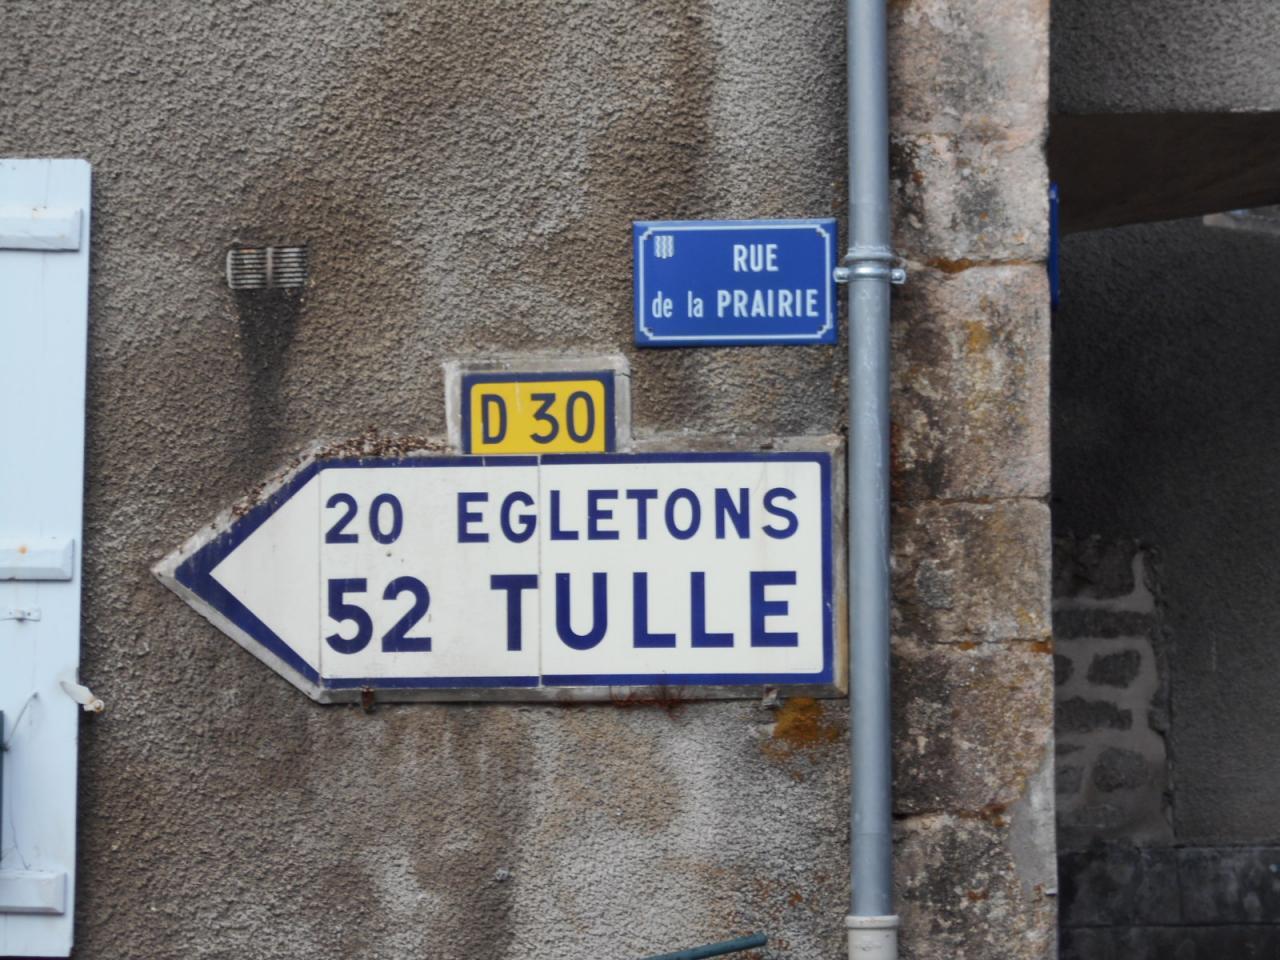 19300 Egletons